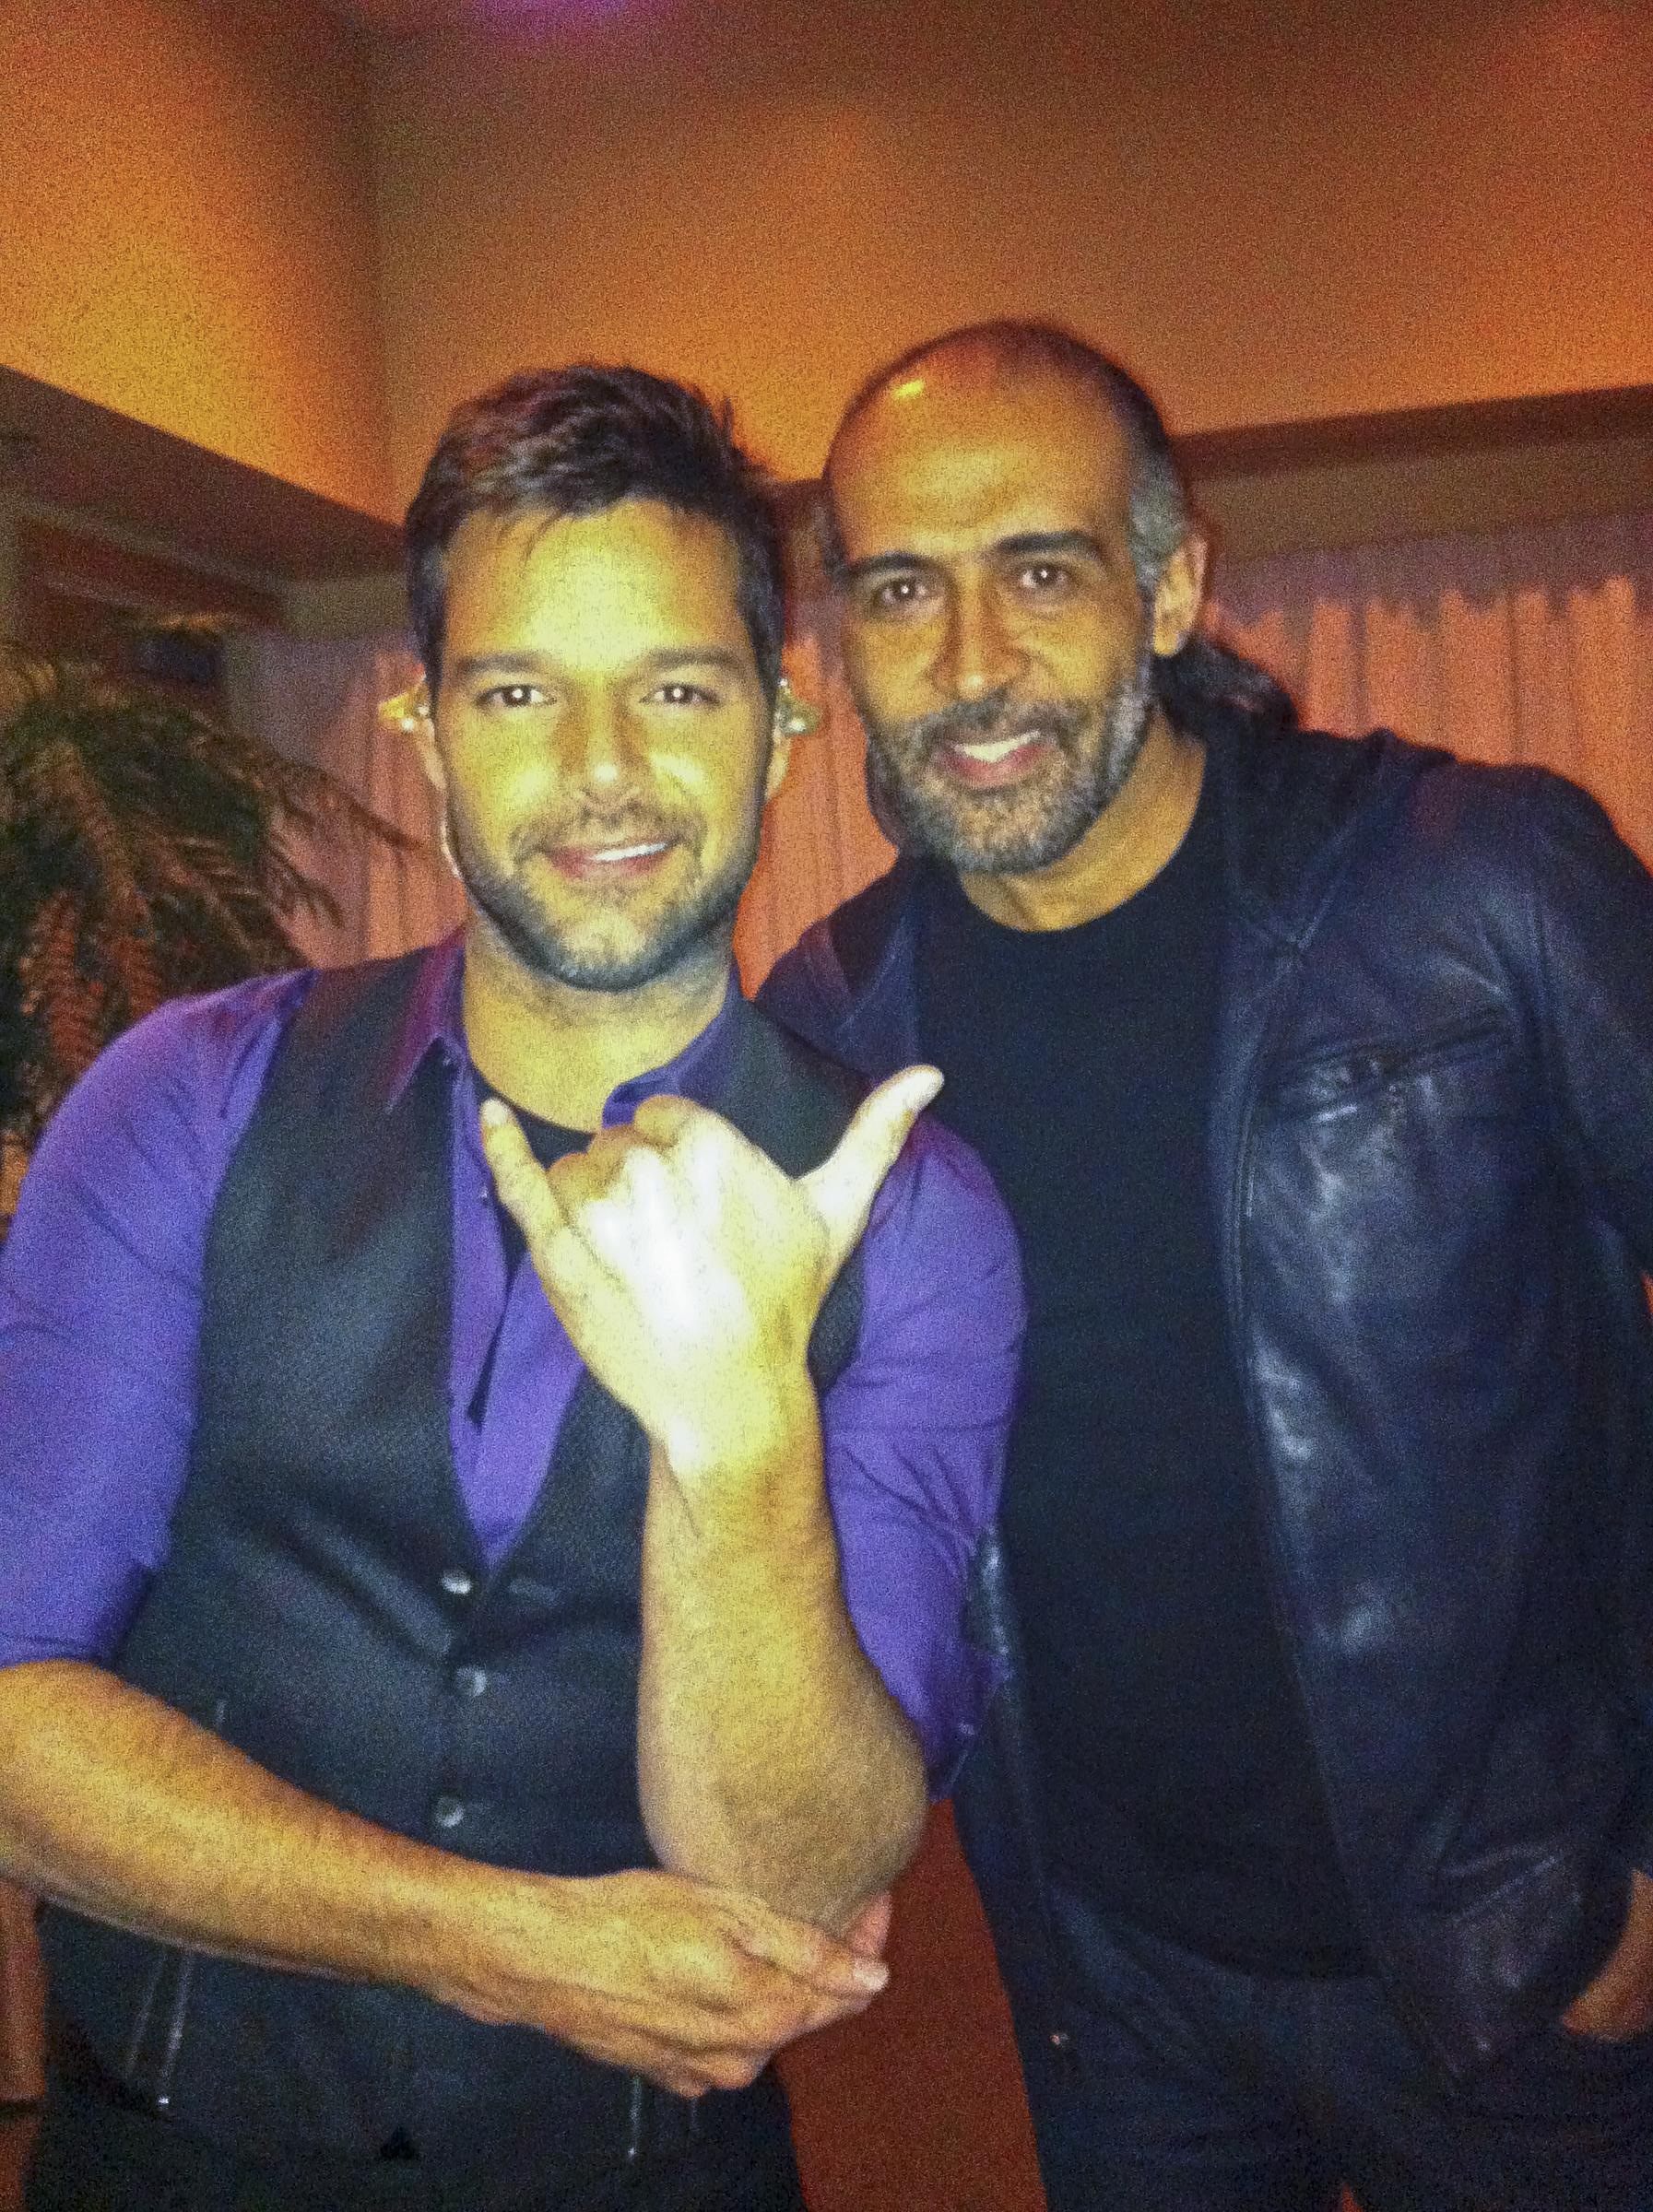 El cantante boricua junto al diseñador Ed Coriano, quien por años ha estado a cargo de la coordinación del vestuario de sus giras. (Suministrada)